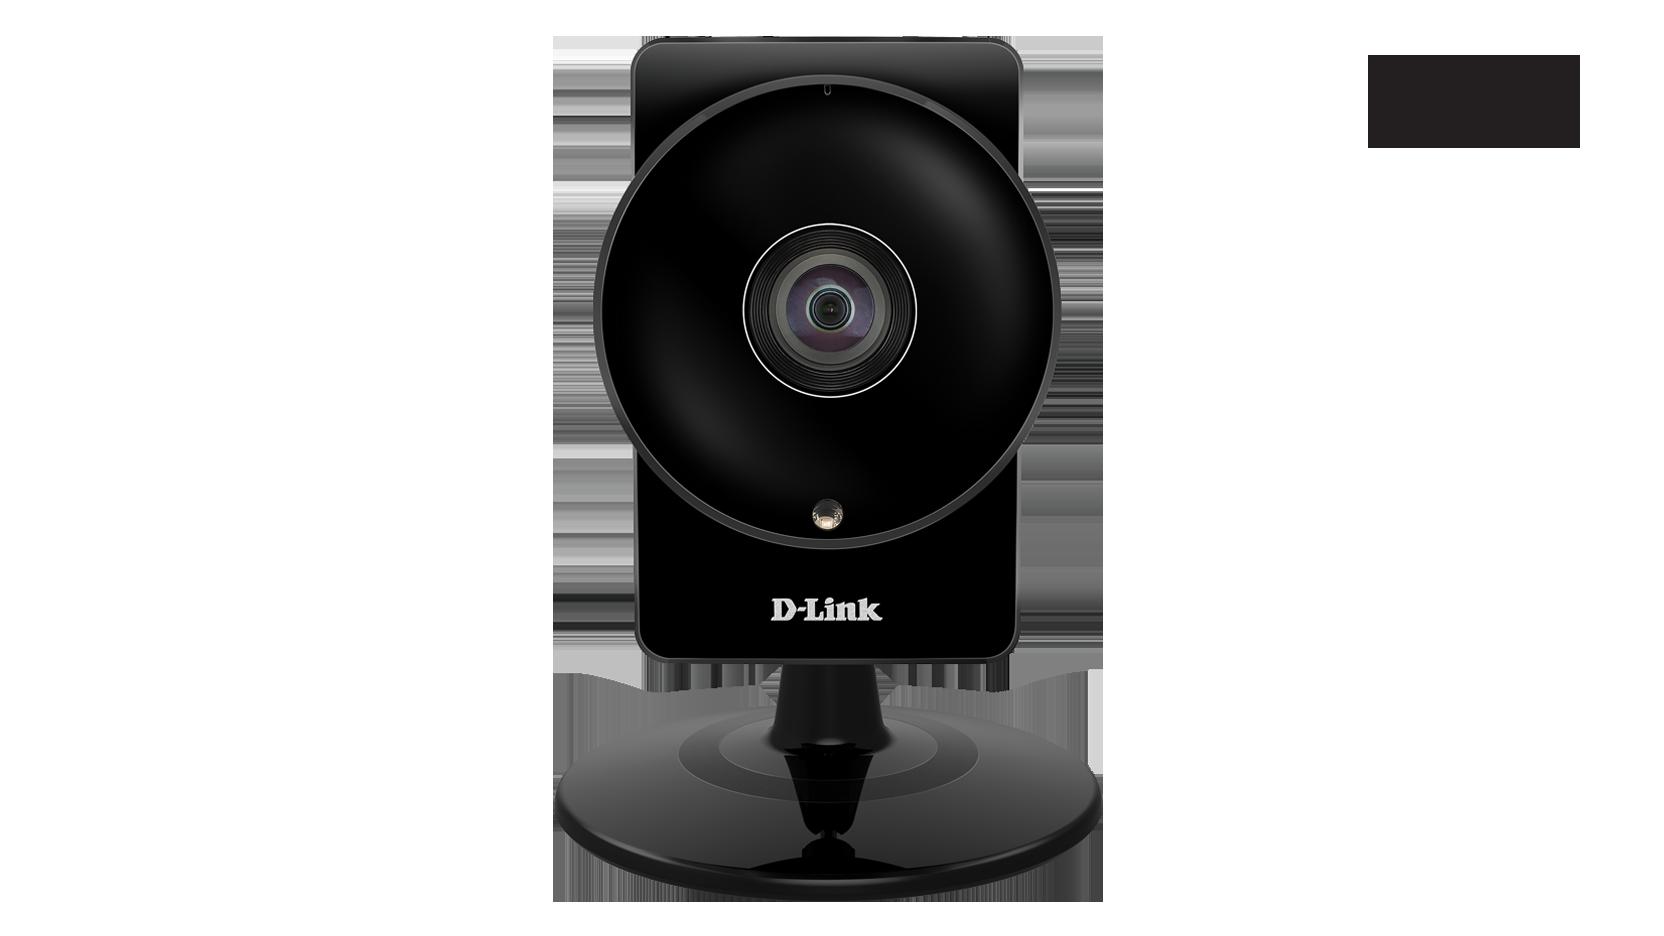 D-Link DCS-960L HD